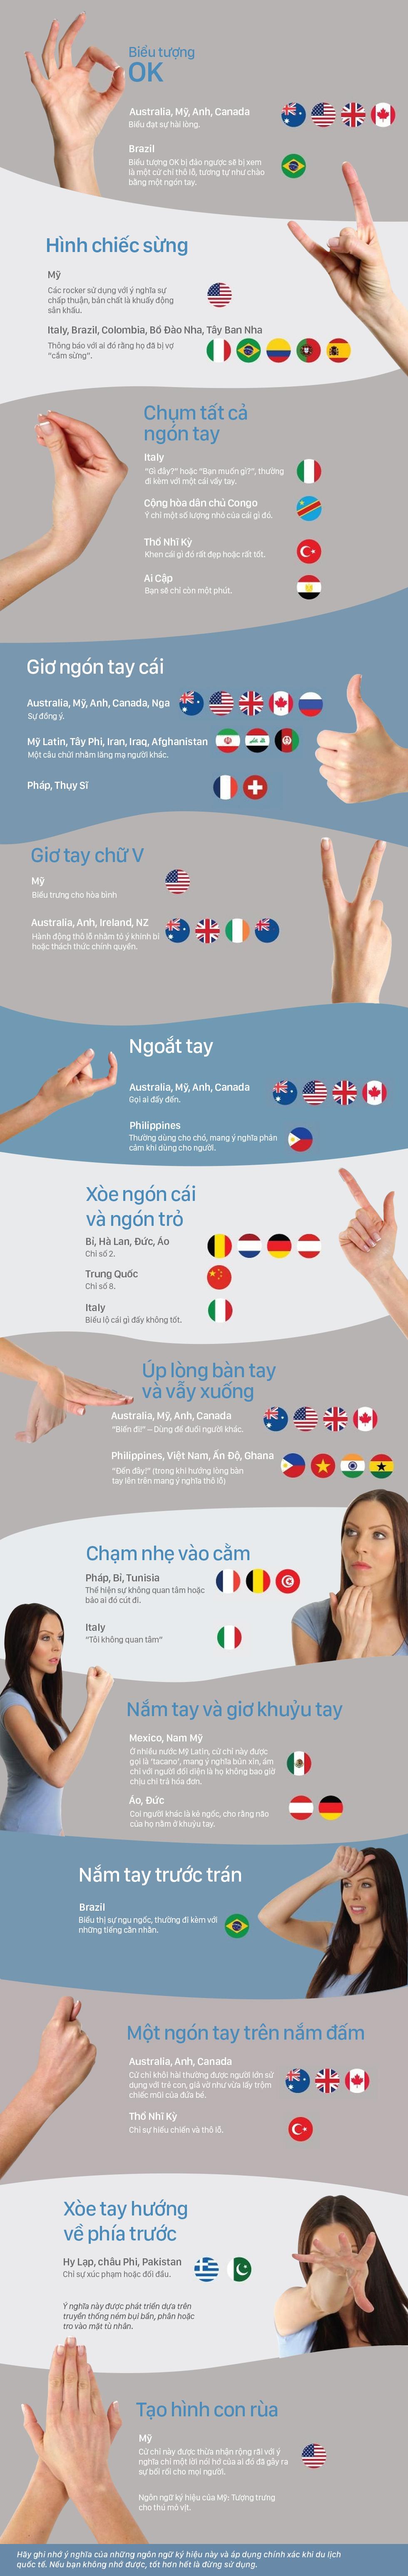 Ngôn ngữ ký hiệu khác biệt ở các nước